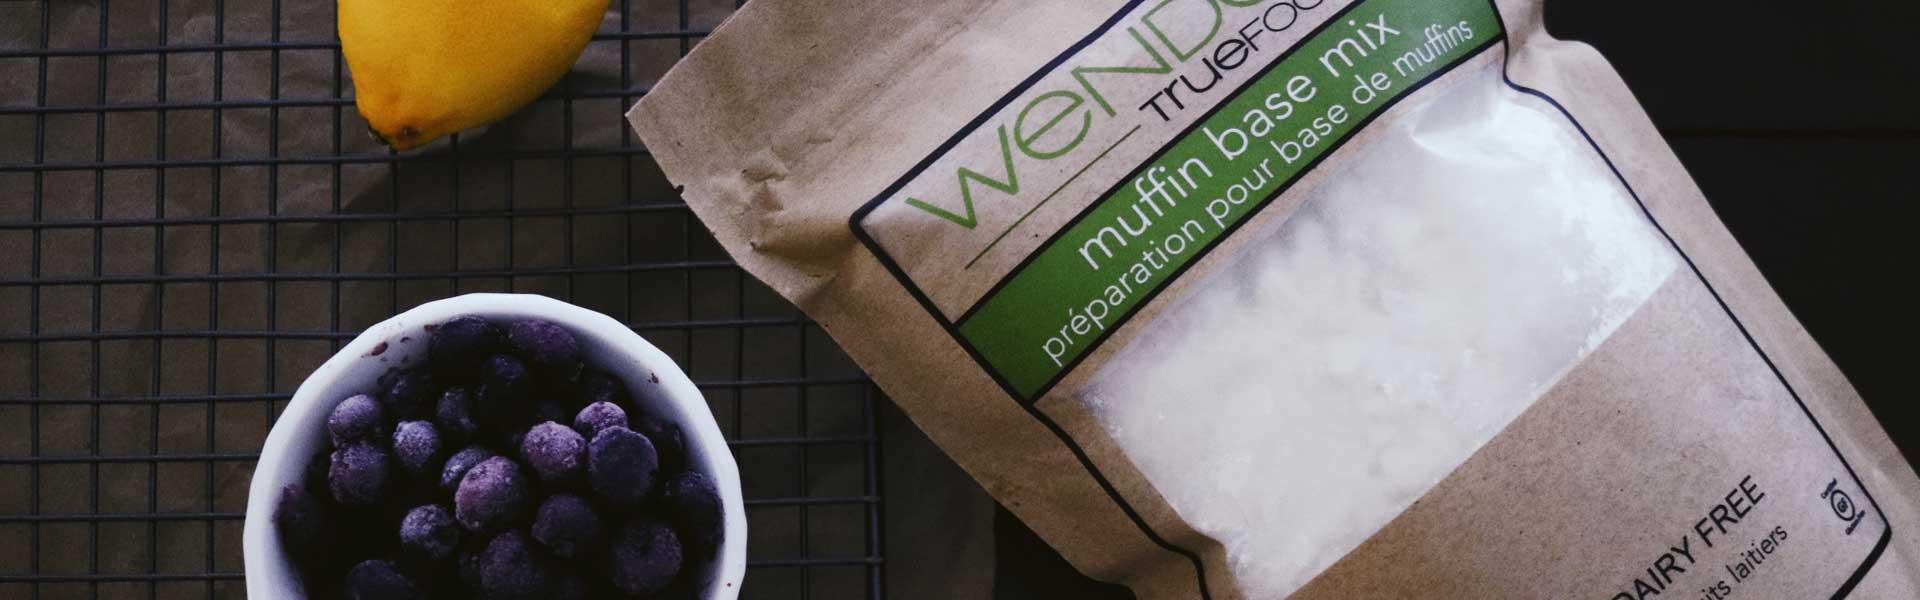 muffin base mix